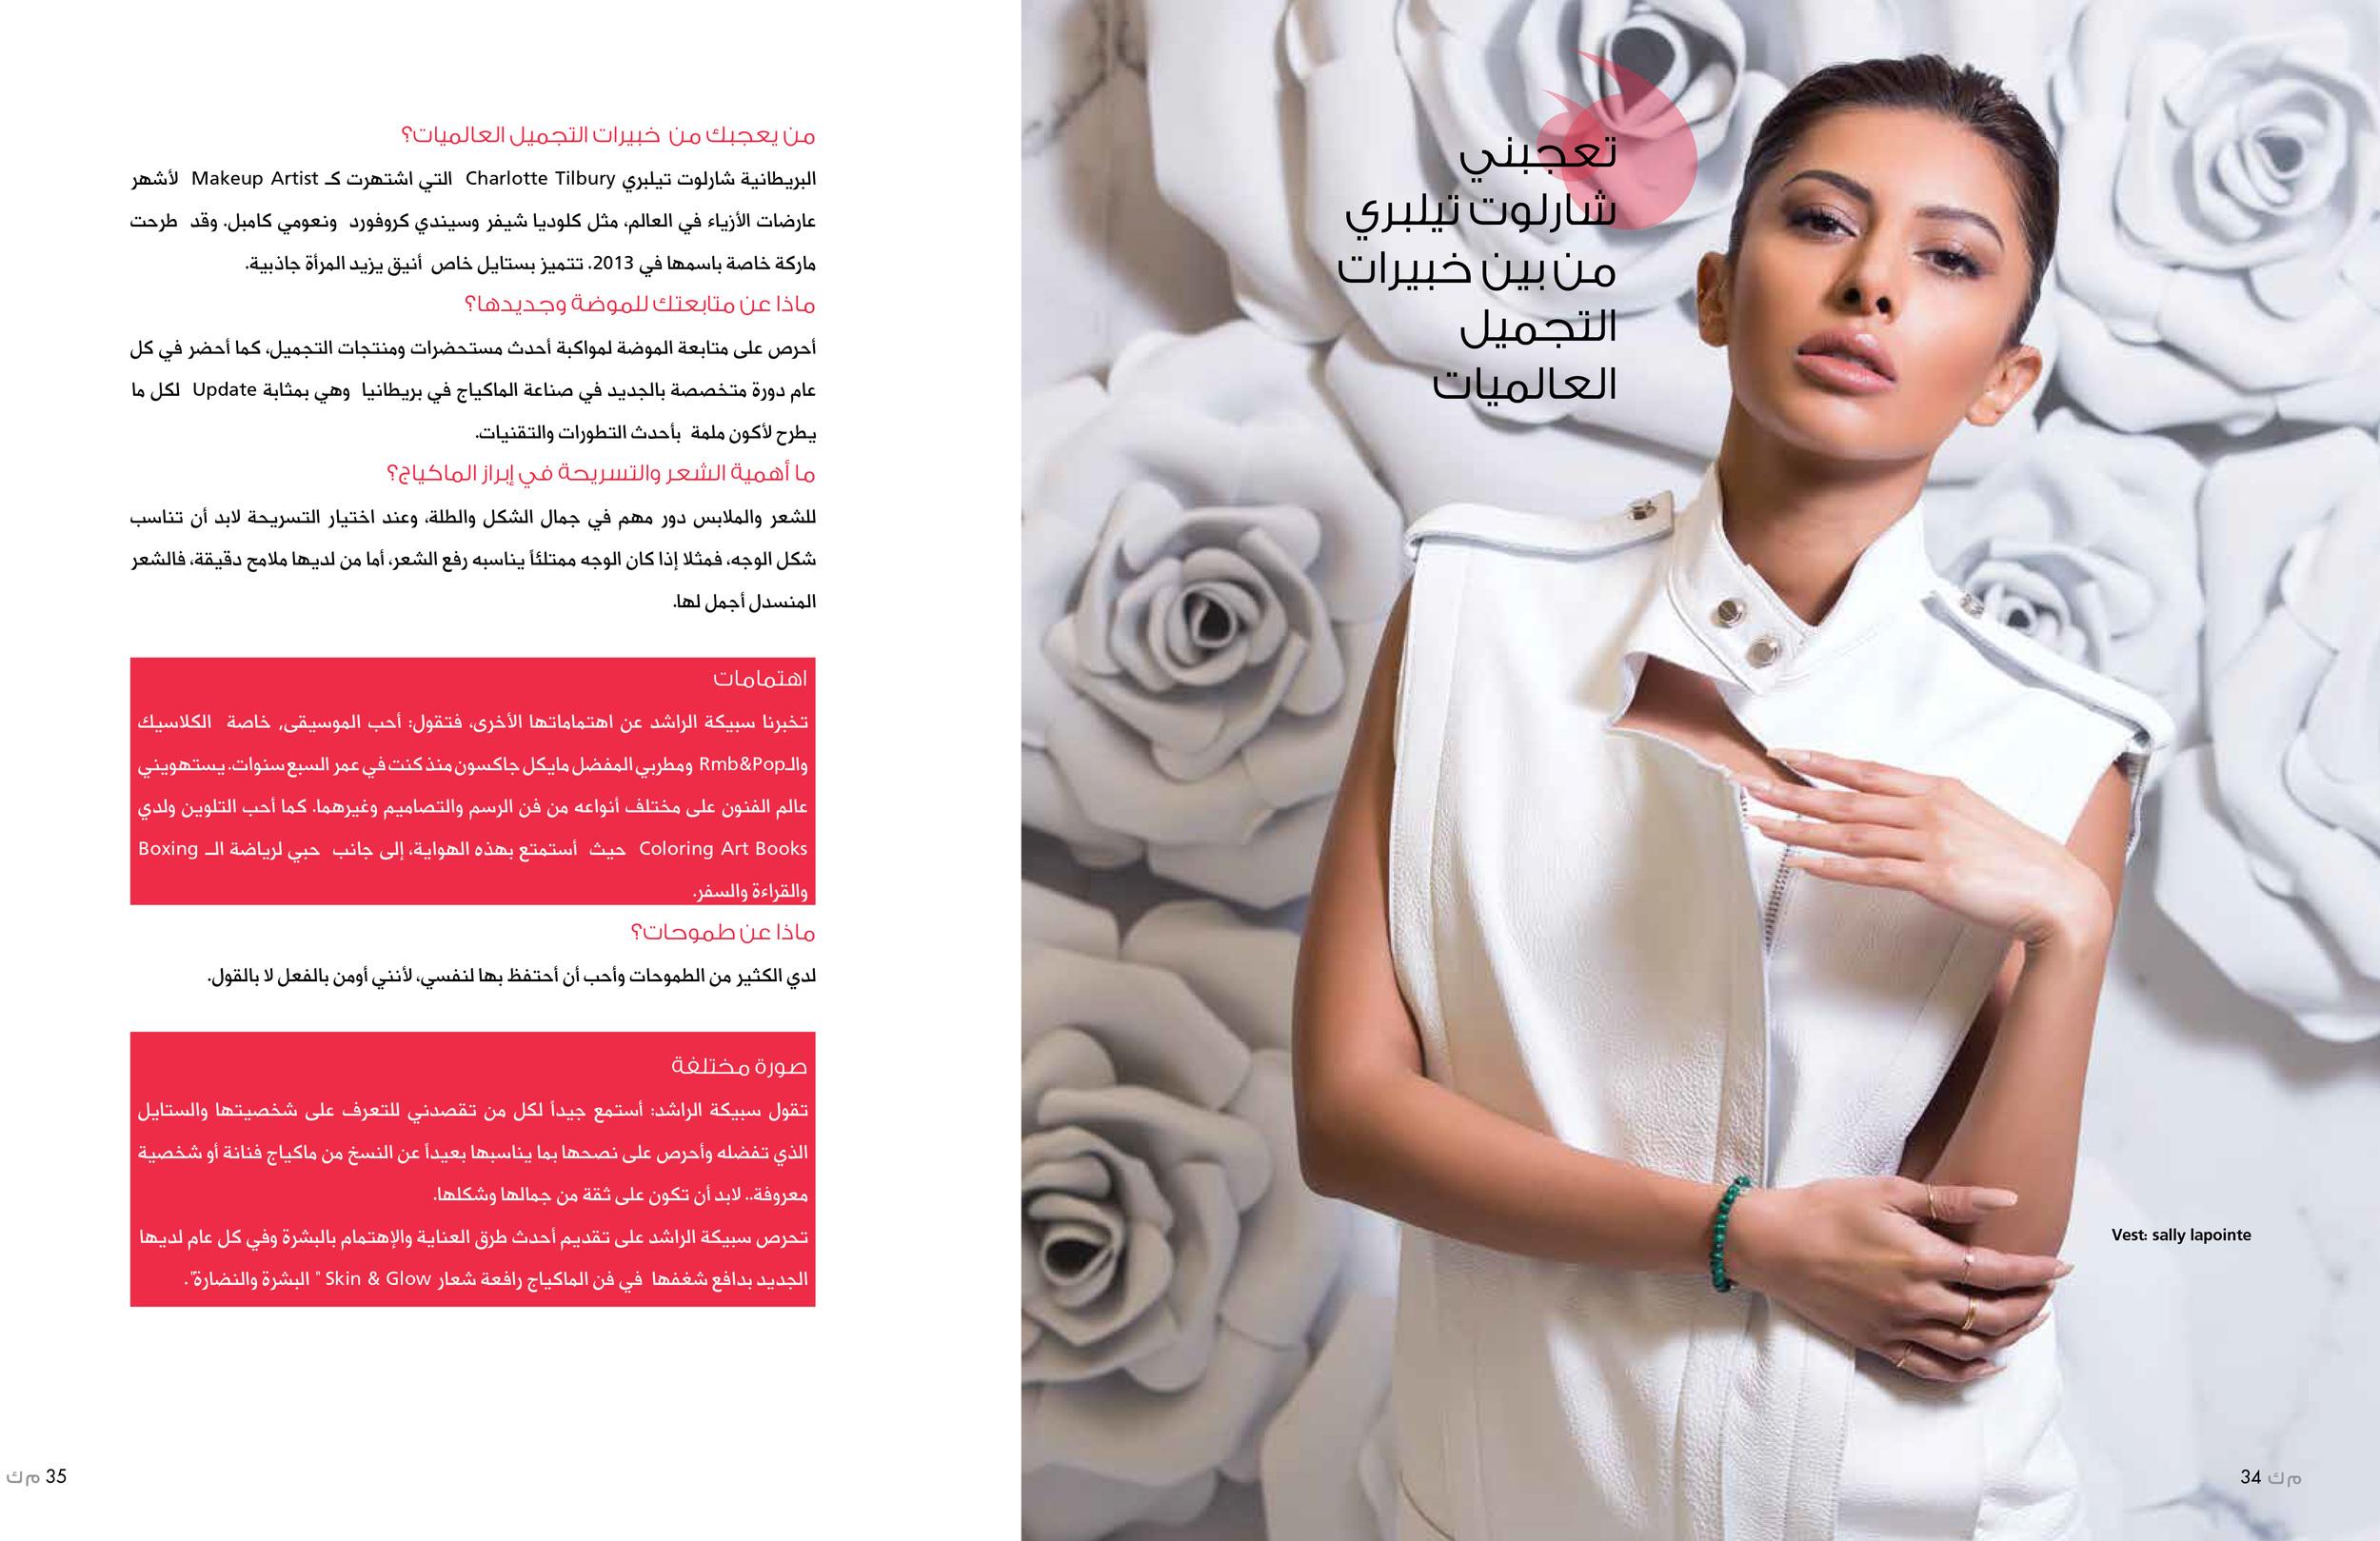 28-cover-story-11p-6.jpg